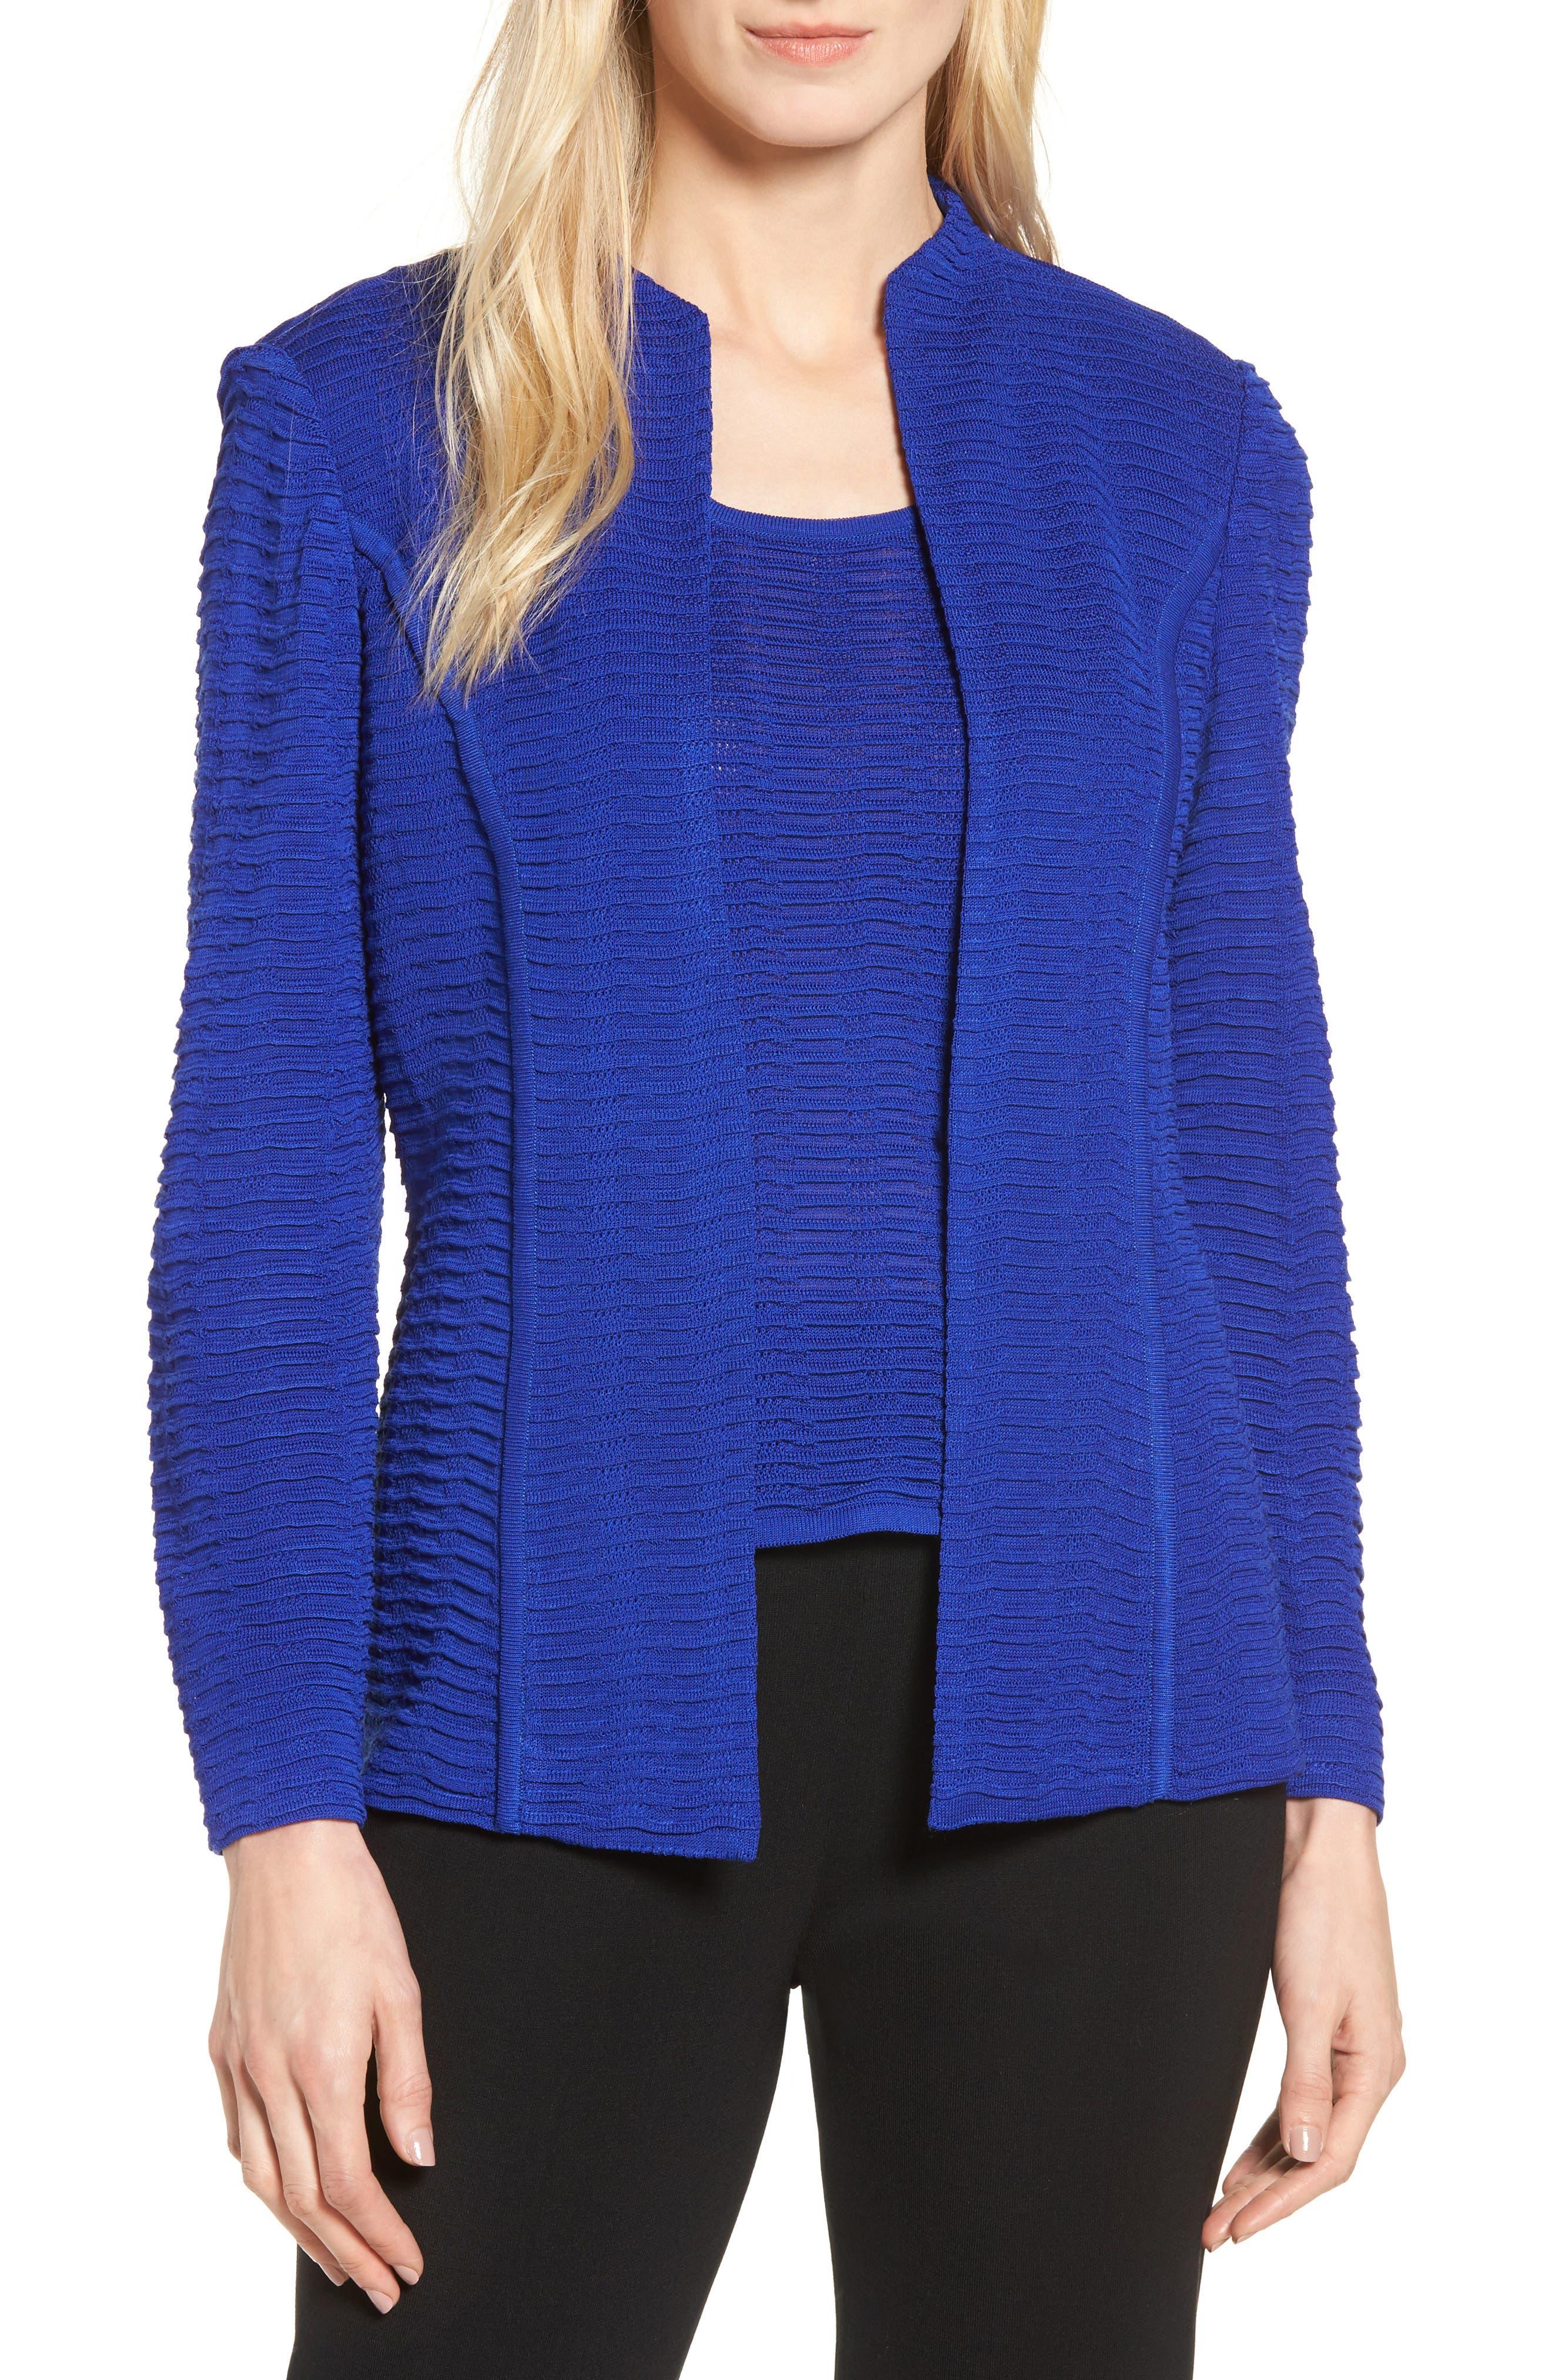 Main Image - Ming Wang Ripple Knit Jacket